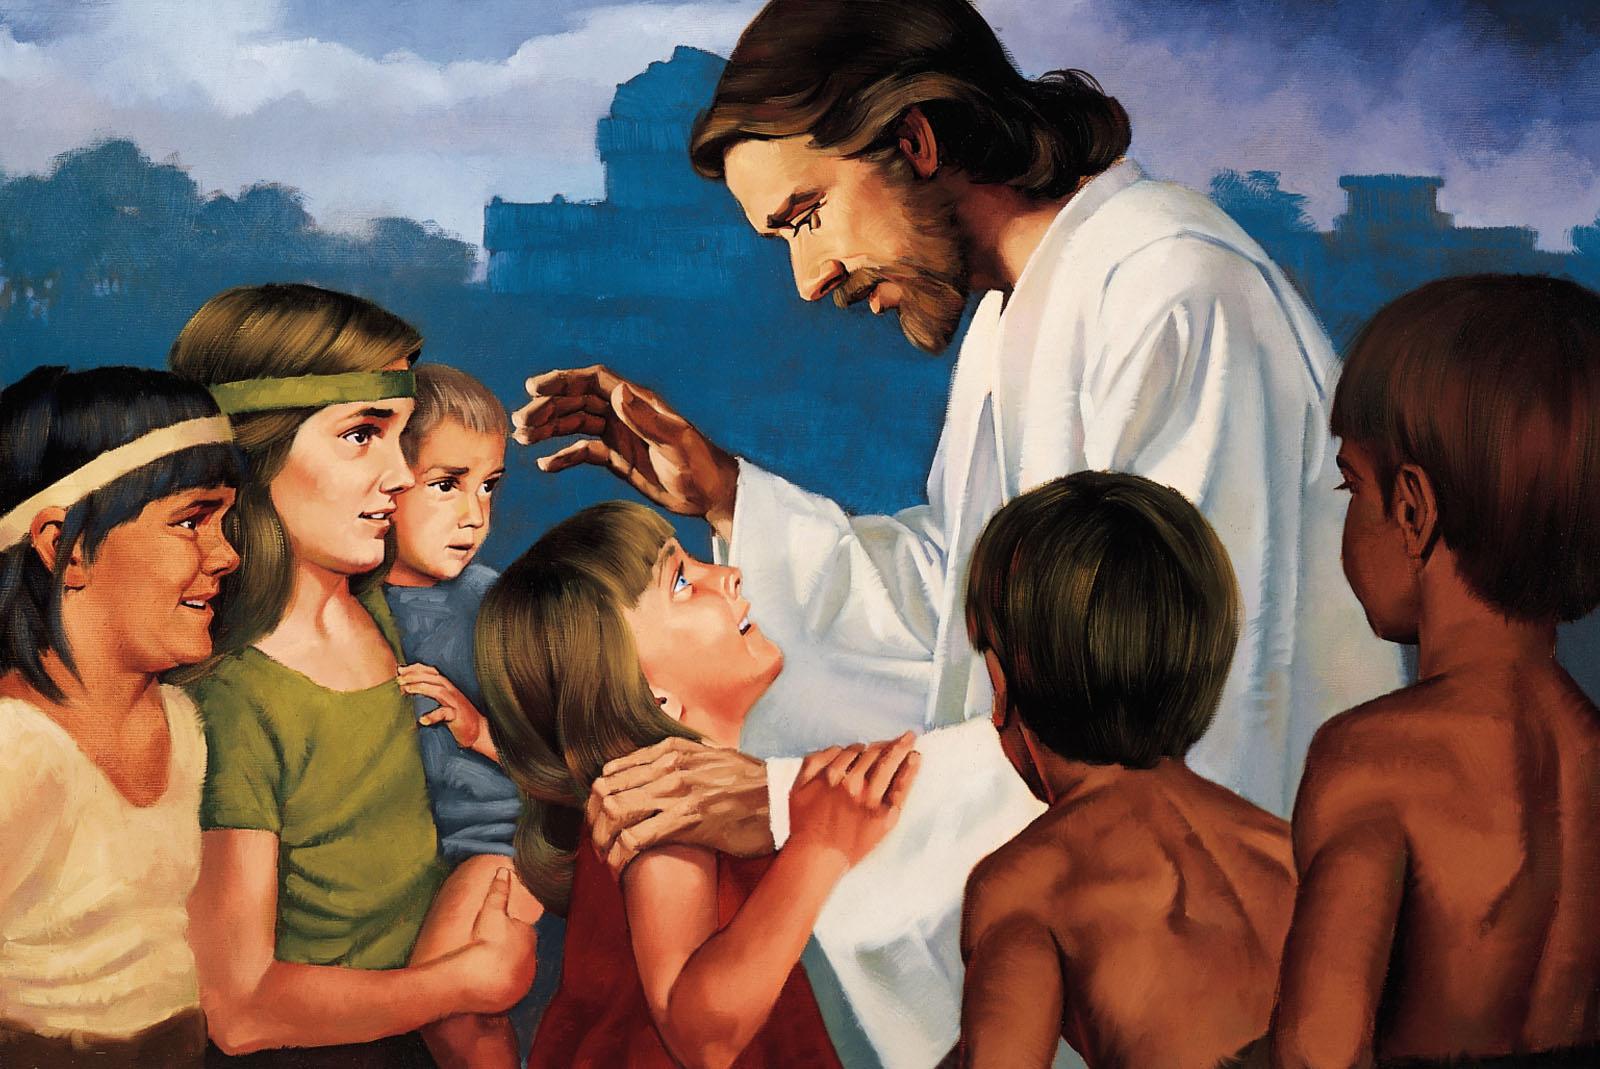 бог картинки с детьми прошлом году